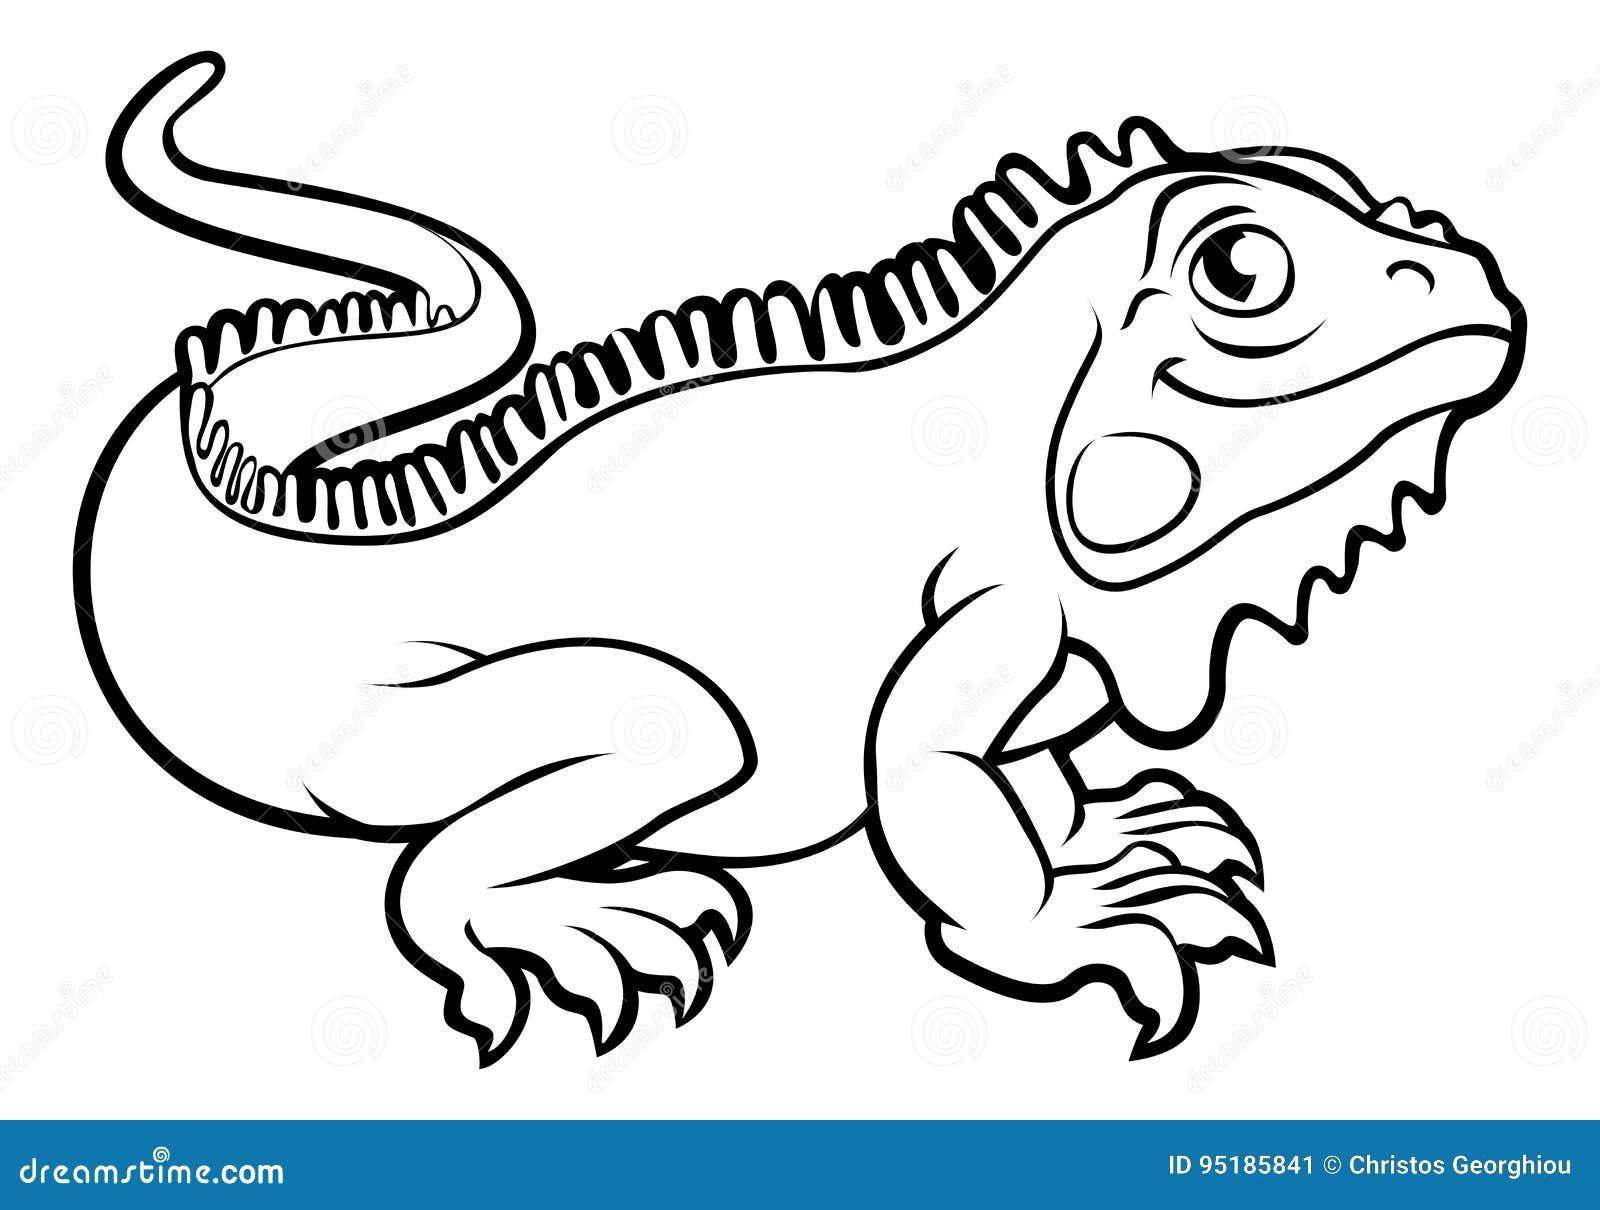 Personaje De Dibujos Animados Del Lagarto De La Iguana Ilustración